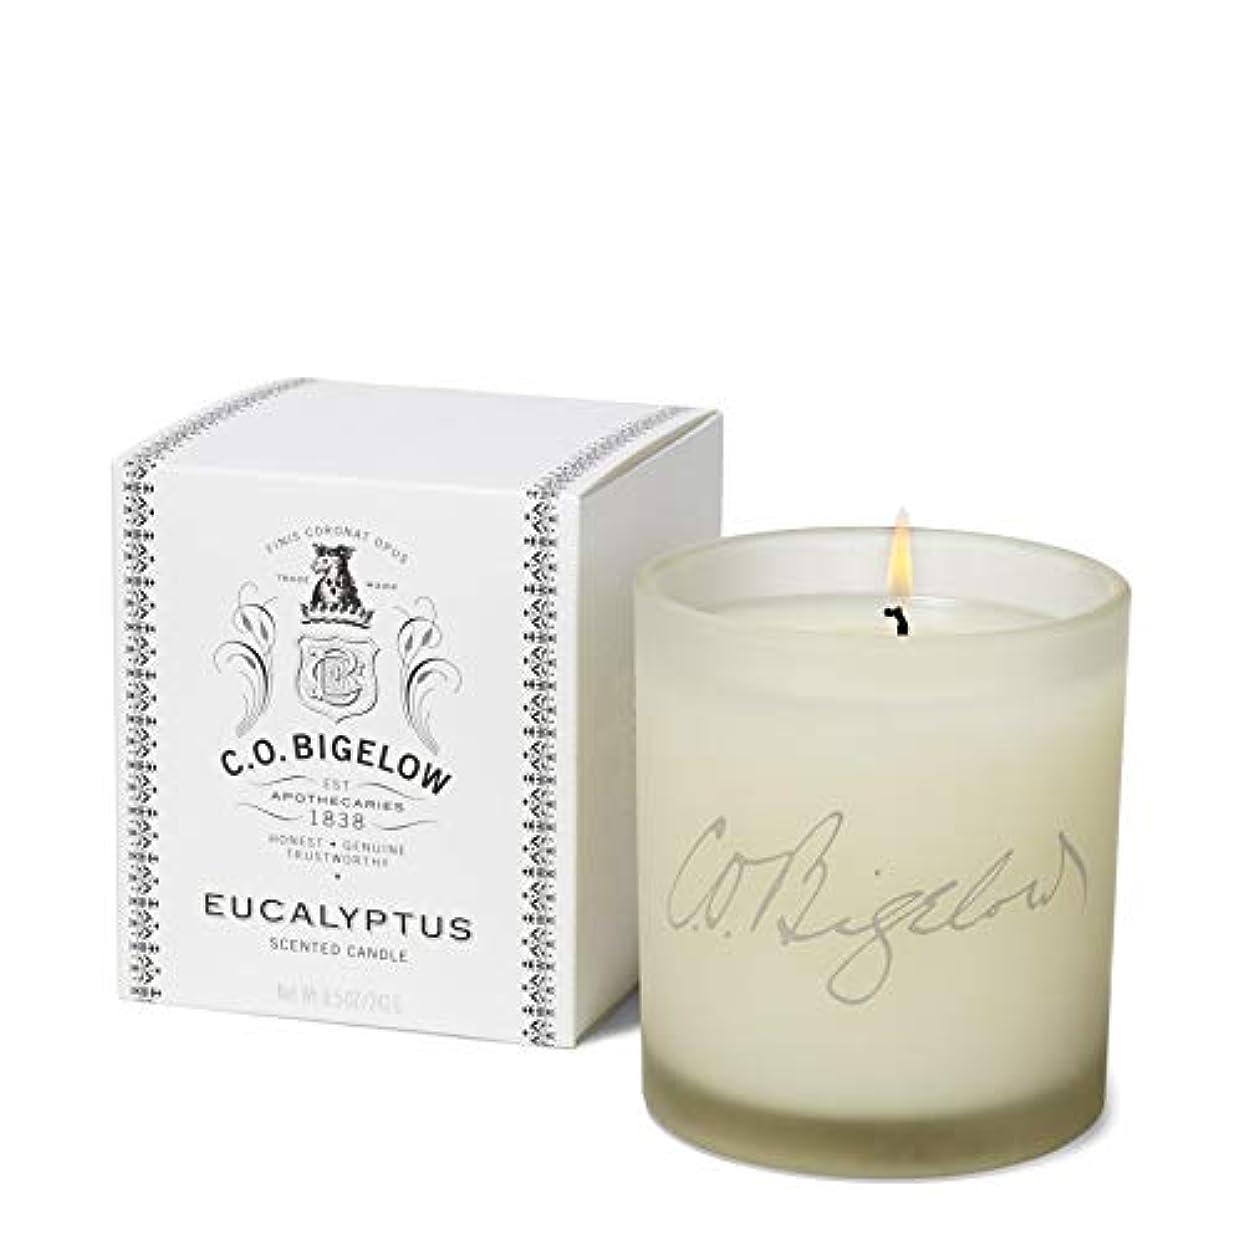 顔料ダース奨励します[C.O. Bigelow] C.O.ビゲローユーカリの香りのキャンドル - C.O. Bigelow Eucalyptus Scented Candle [並行輸入品]